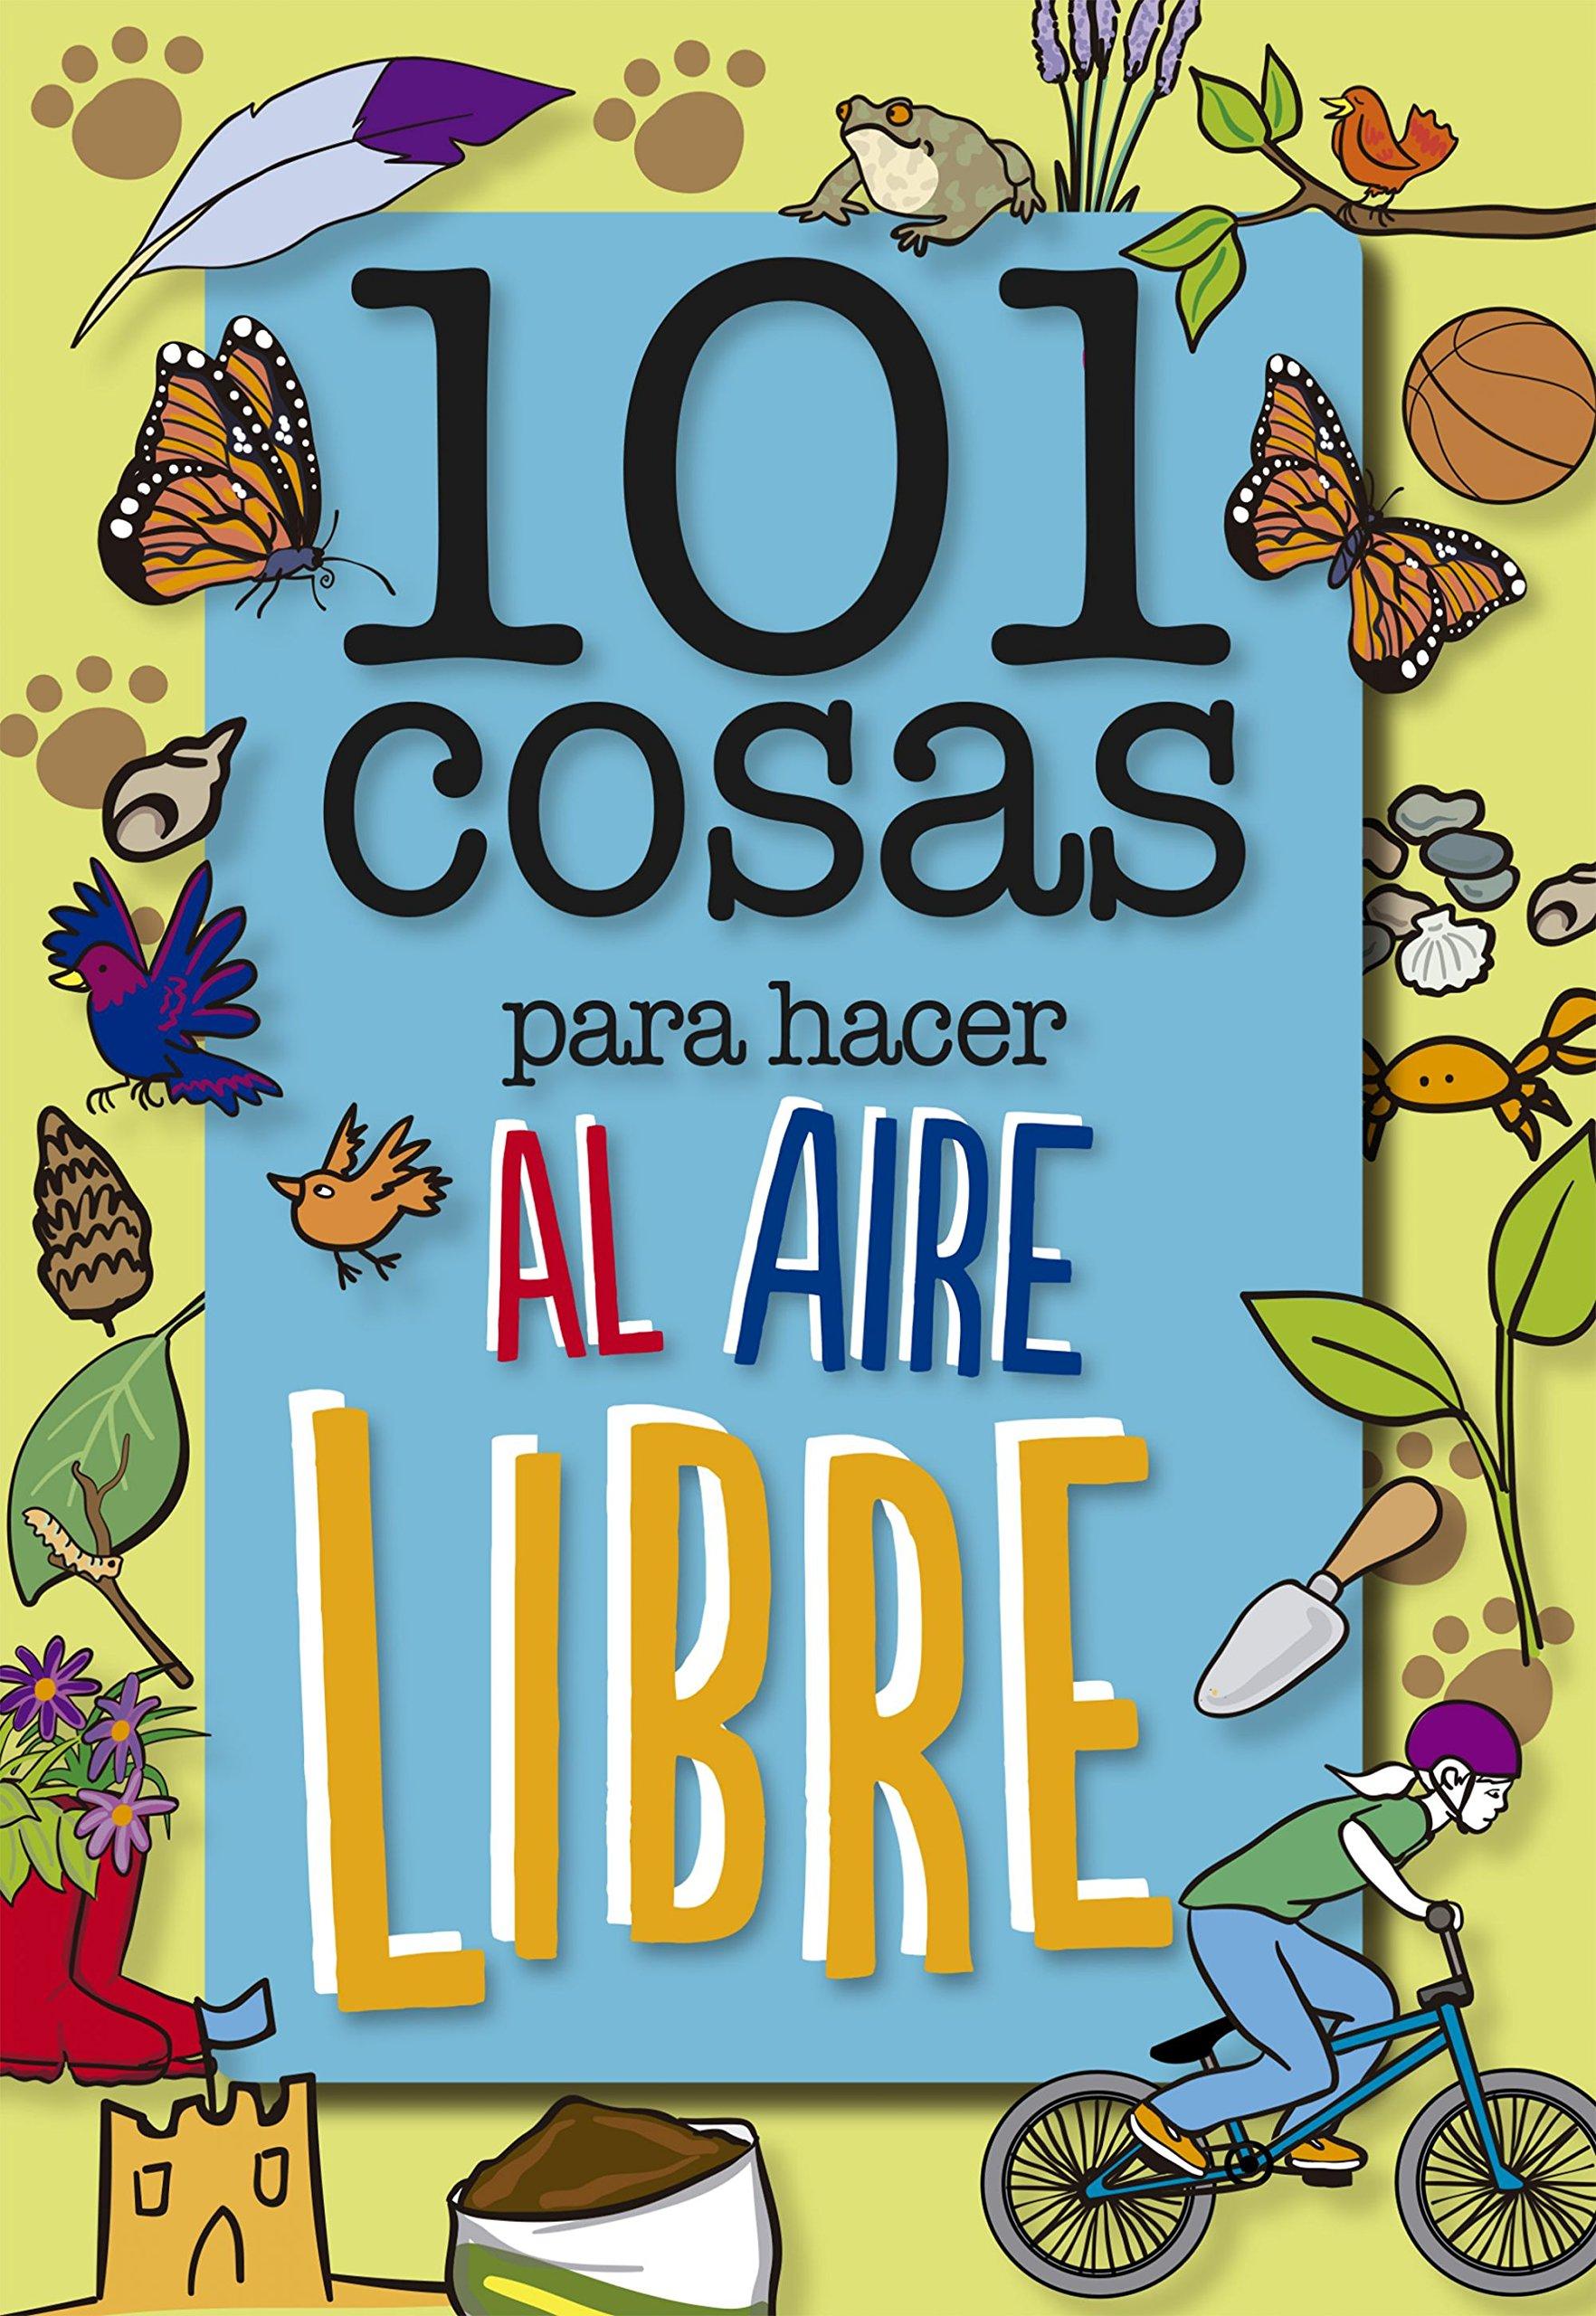 101 cosas para hacer al aire libre (geoPlaneta Kids): Amazon.es: Sue  Grabham, María Enguix Tercero: Libros